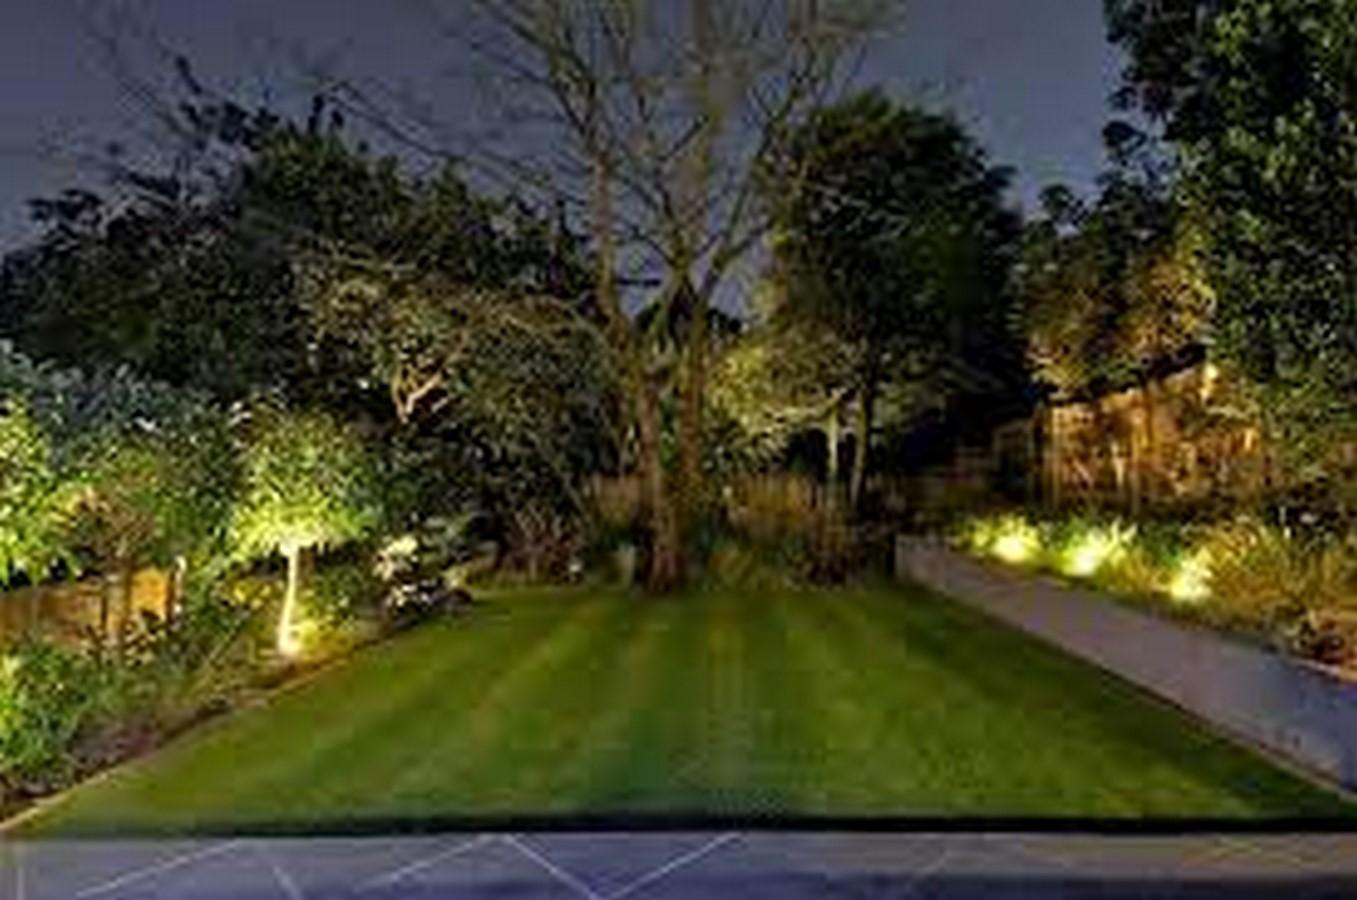 Belvedere Road Backyard, England - Sheet3